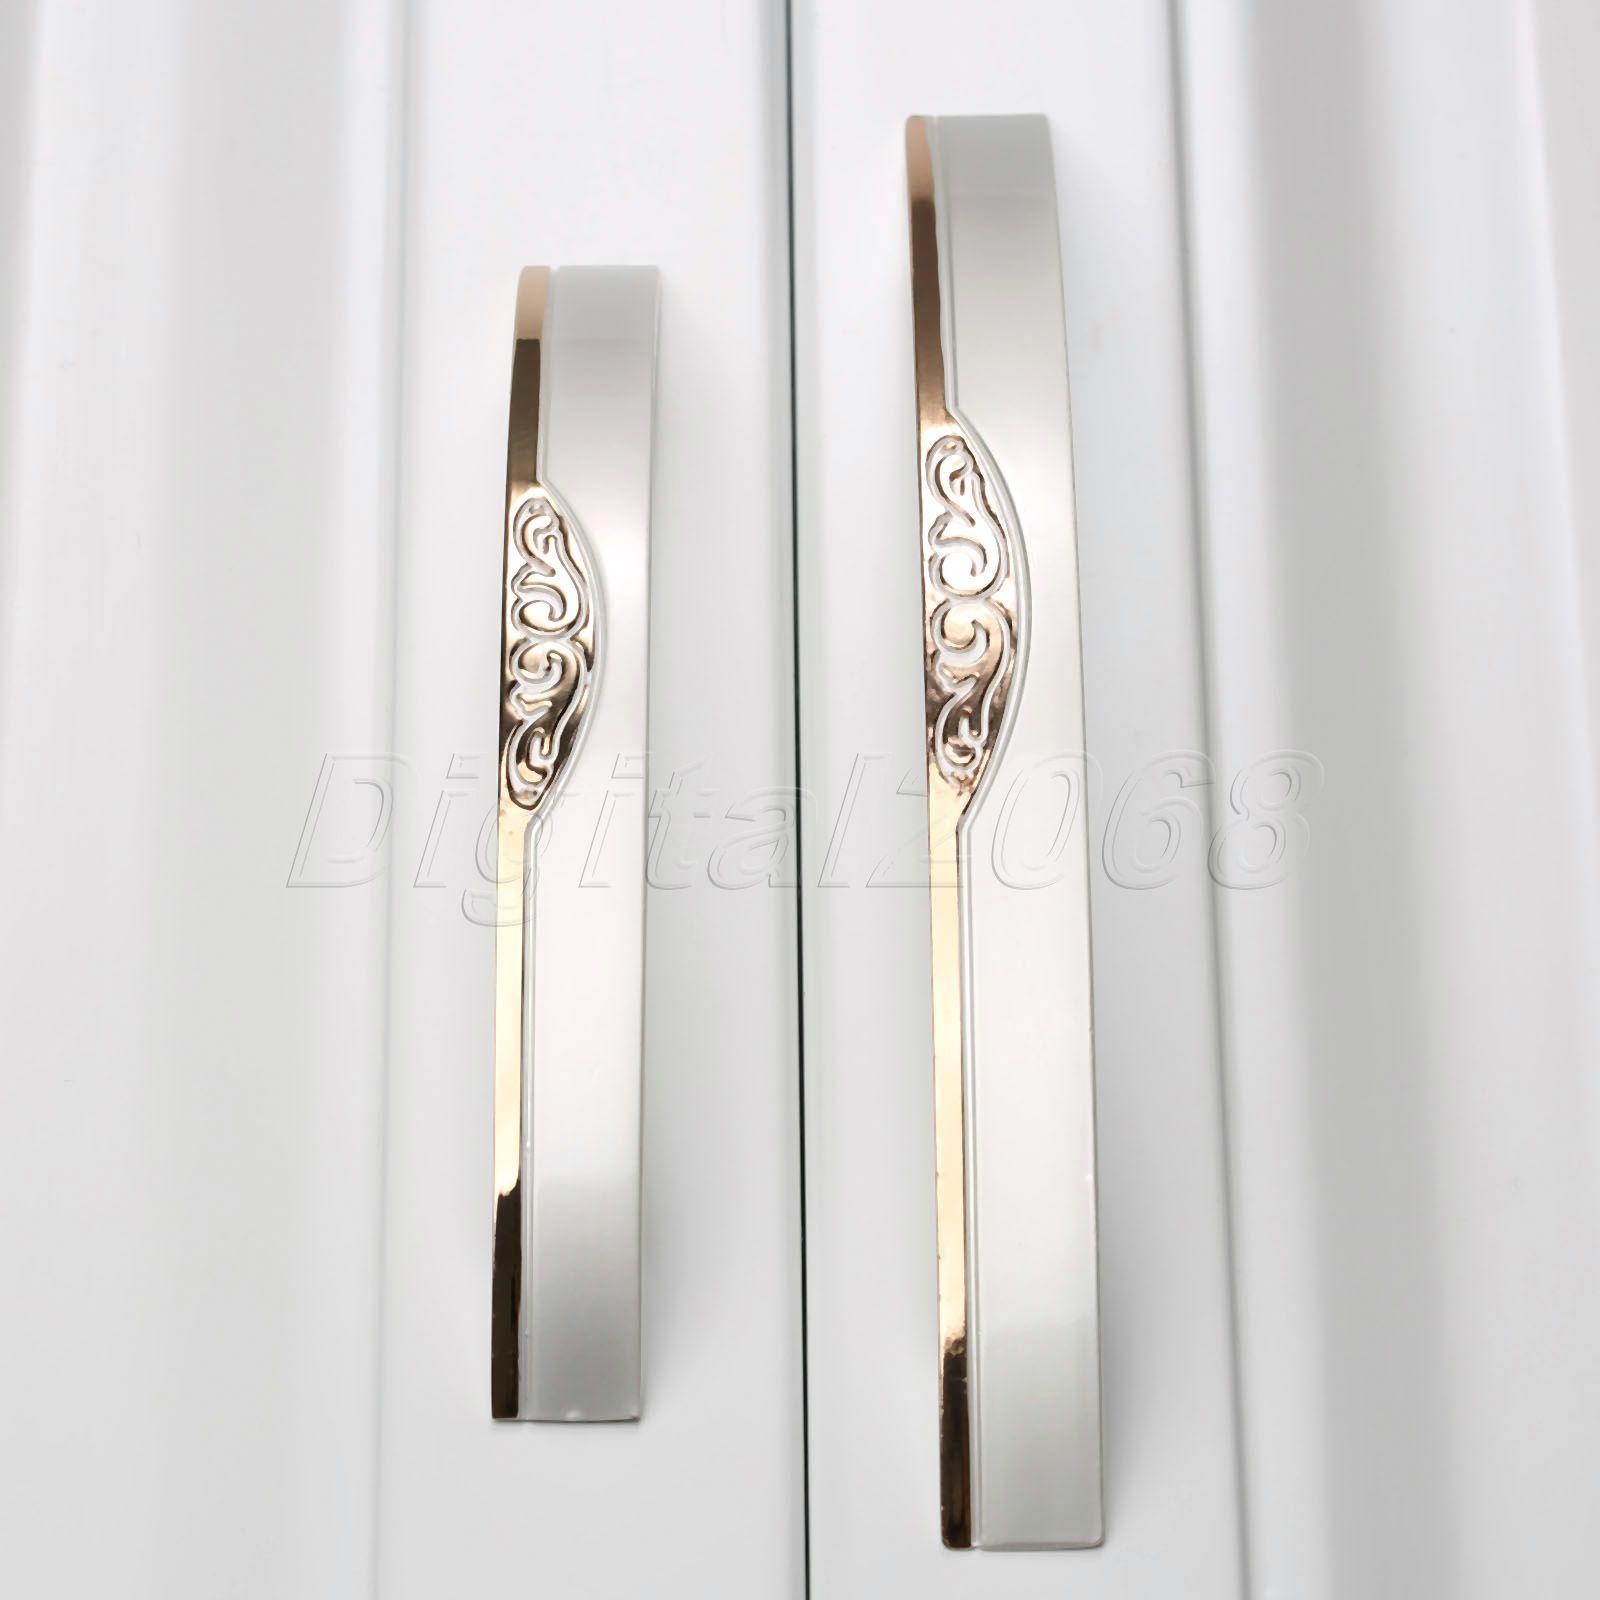 Modern Kitchen Knobs modern cabinet knobs promotion-shop for promotional modern cabinet